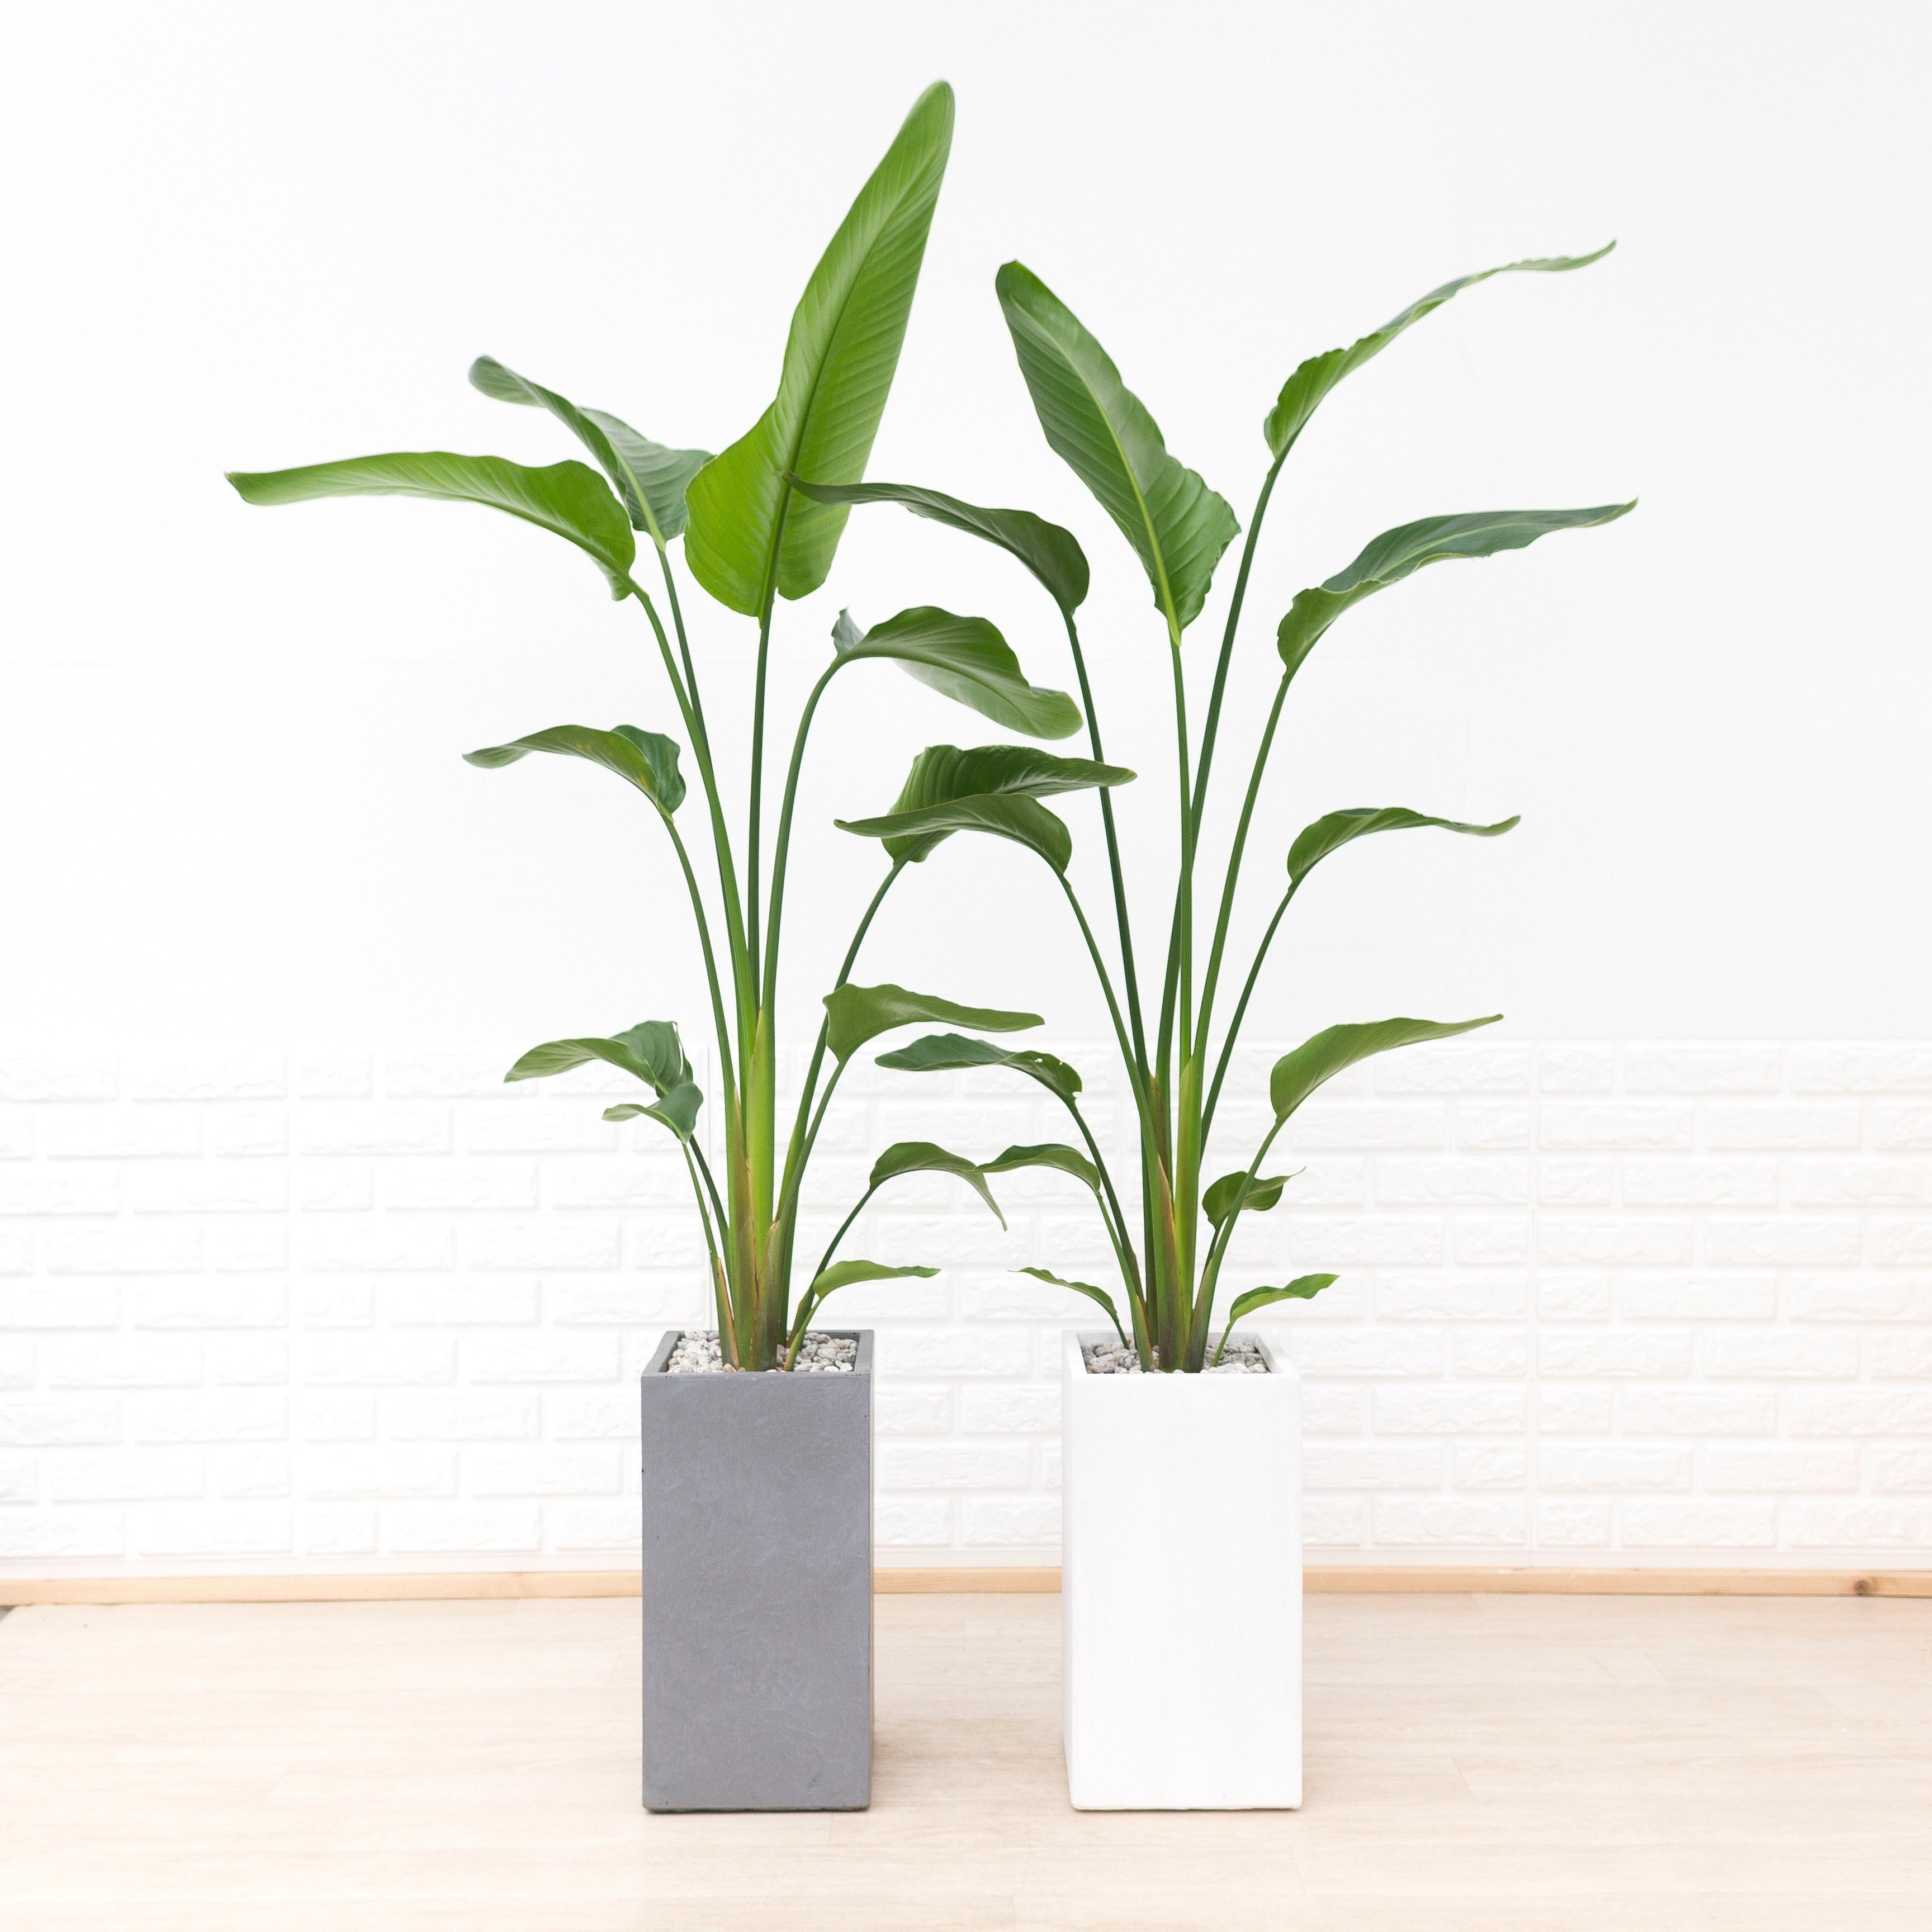 [화수분] 공기정화식물 극락조 인테리어 화분 카페형화분